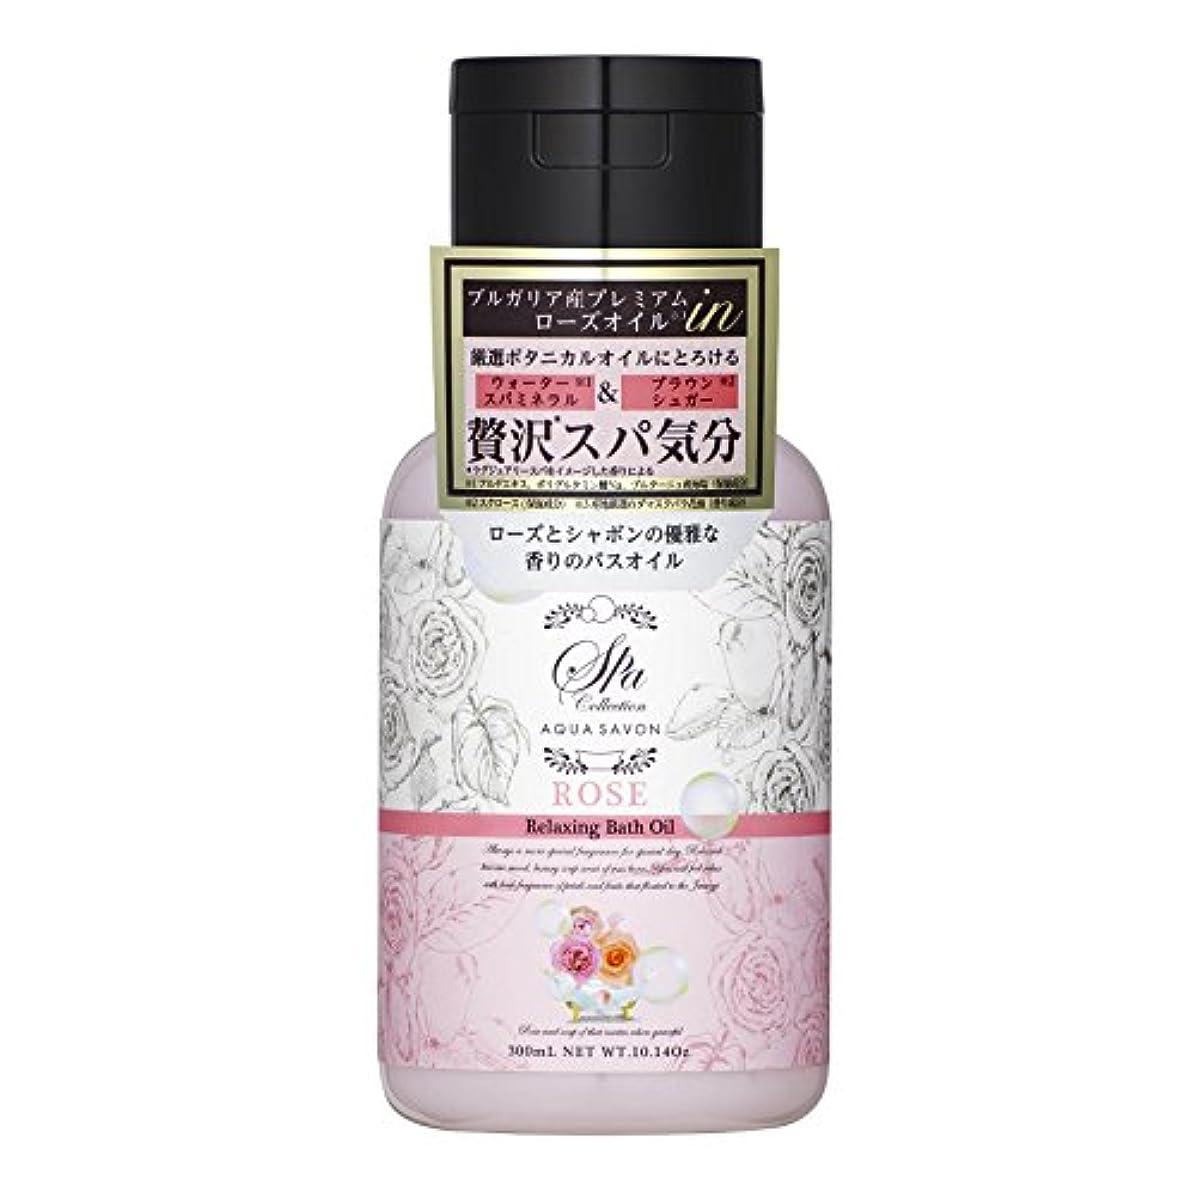 サポートもろいパッケージアクアシャボン スパコレクション リラクシングバスオイル ローズスパの香り 300mL